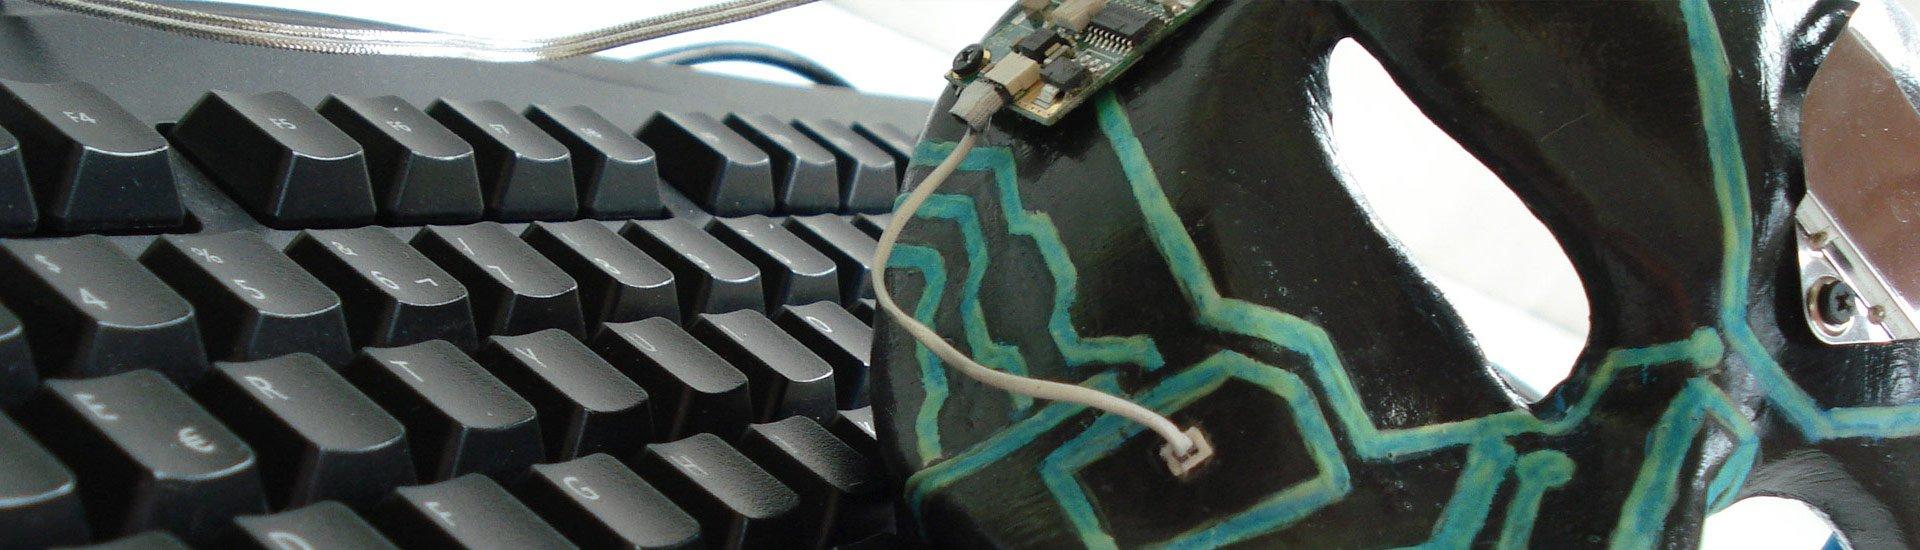 mascara veneciana gato cyberpunk sobre teclado